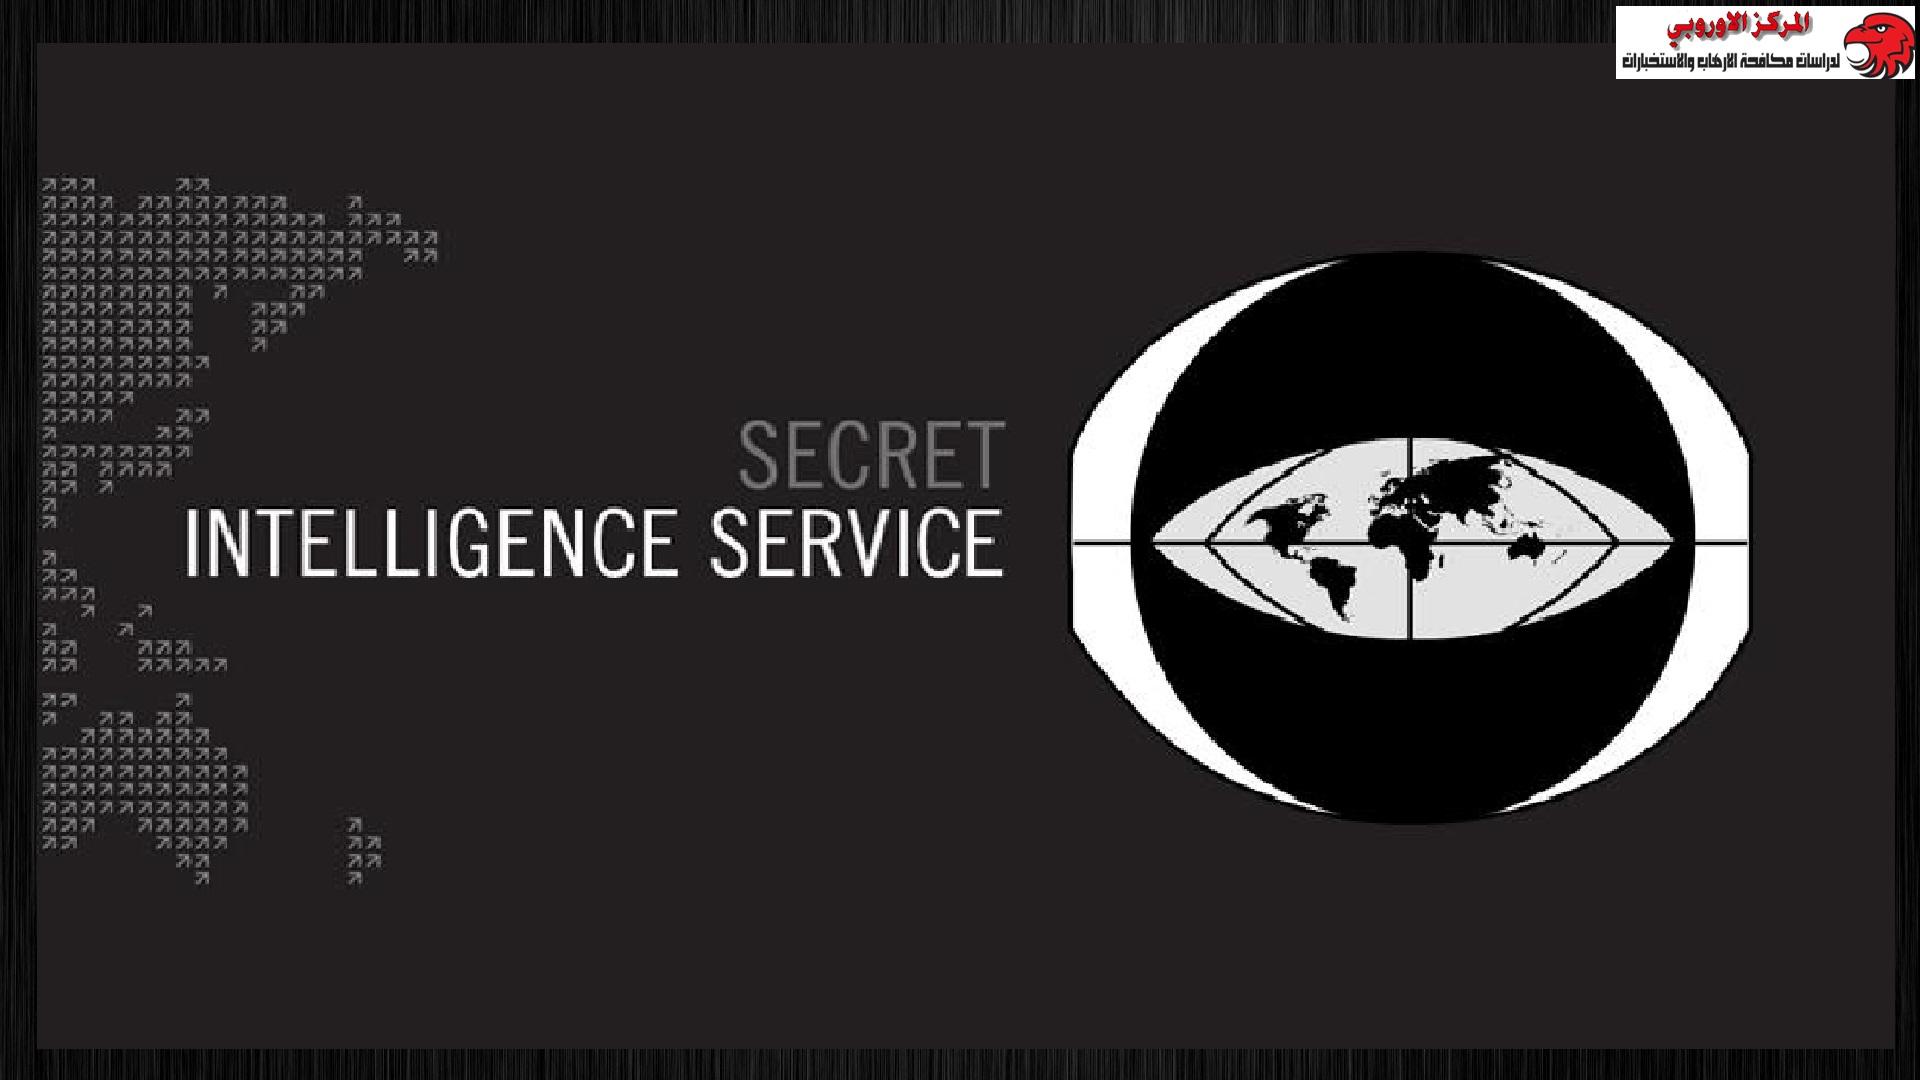 الإستخبارات : آلية تعقب الجواسيس المزدوجين وتنفيذ عمليات الإغتيالات. بقلم جاسم محمد